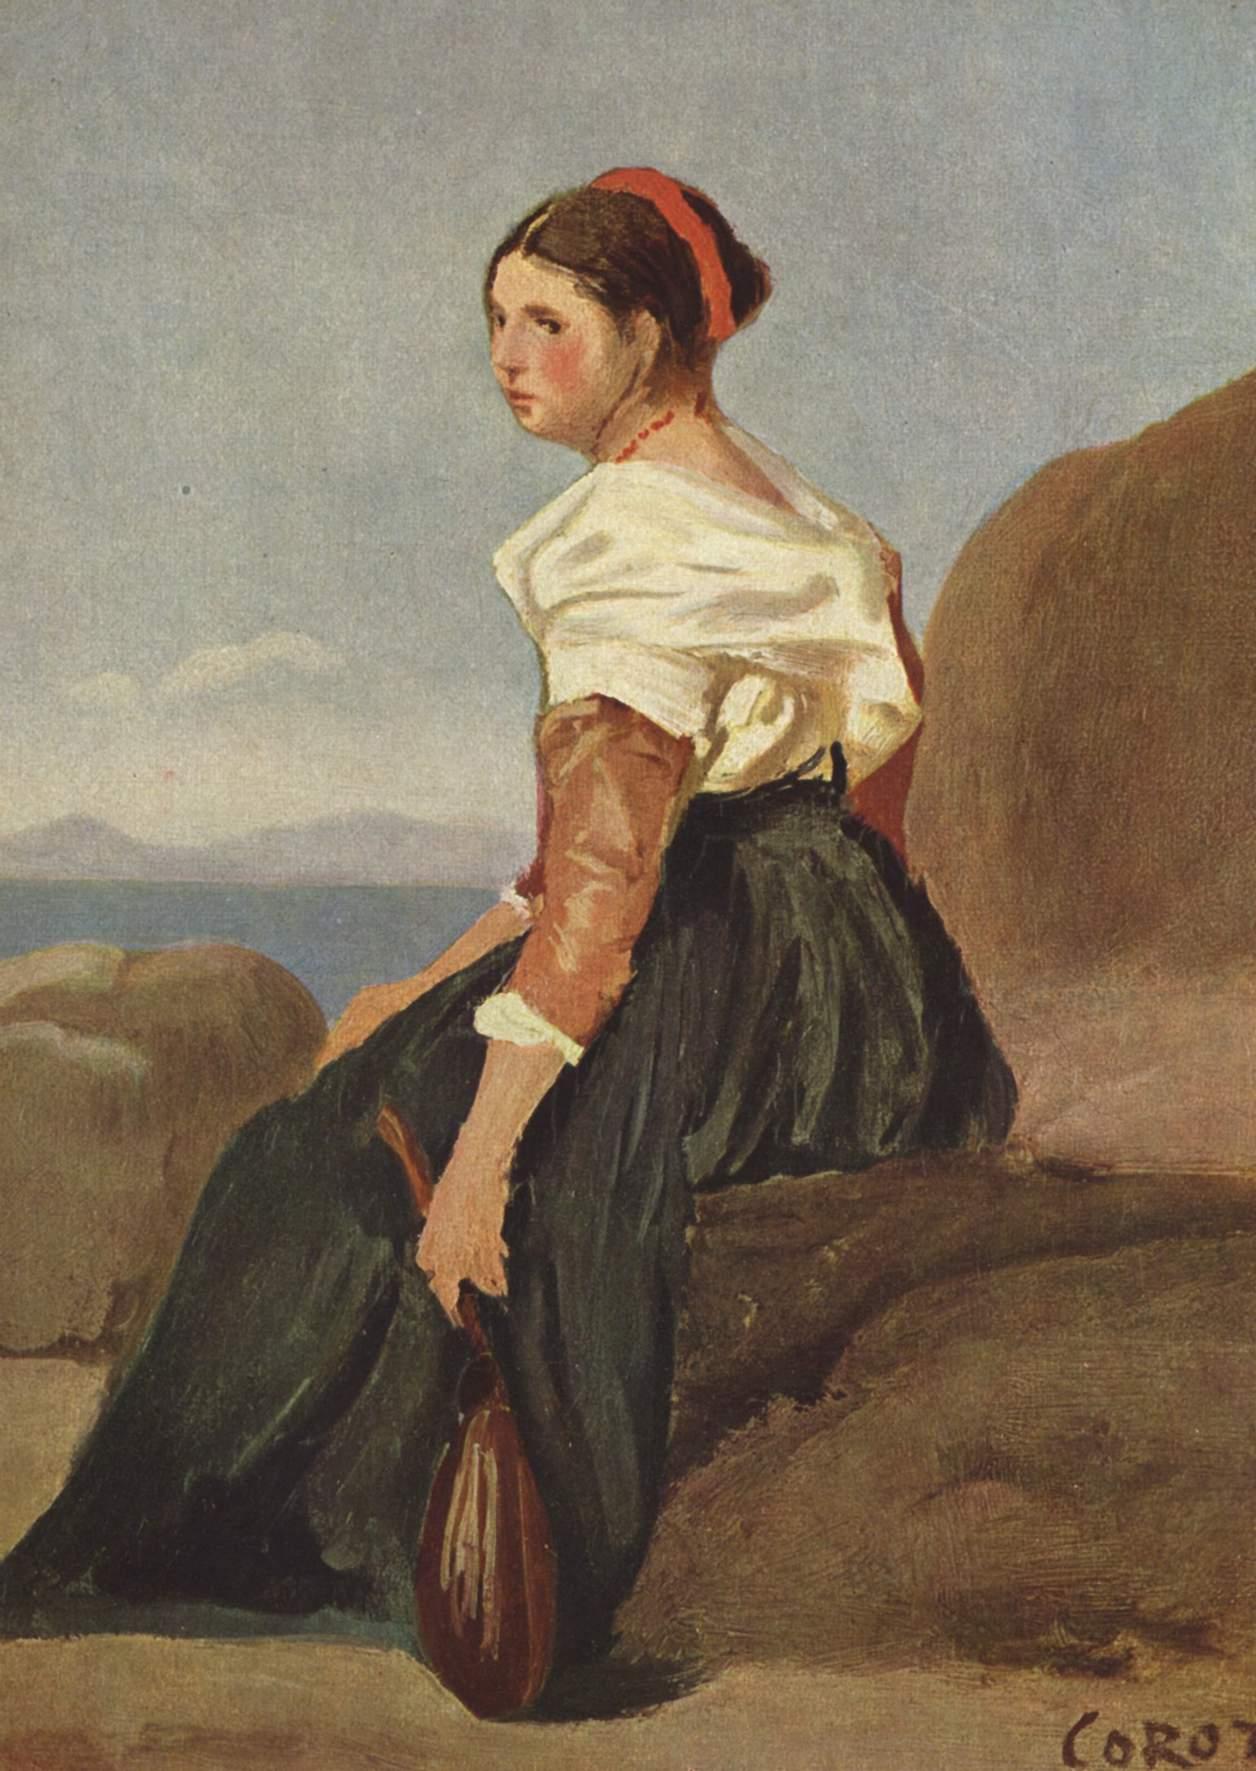 Женщина с мандолиной, Коро Жан-Батист-Камиль